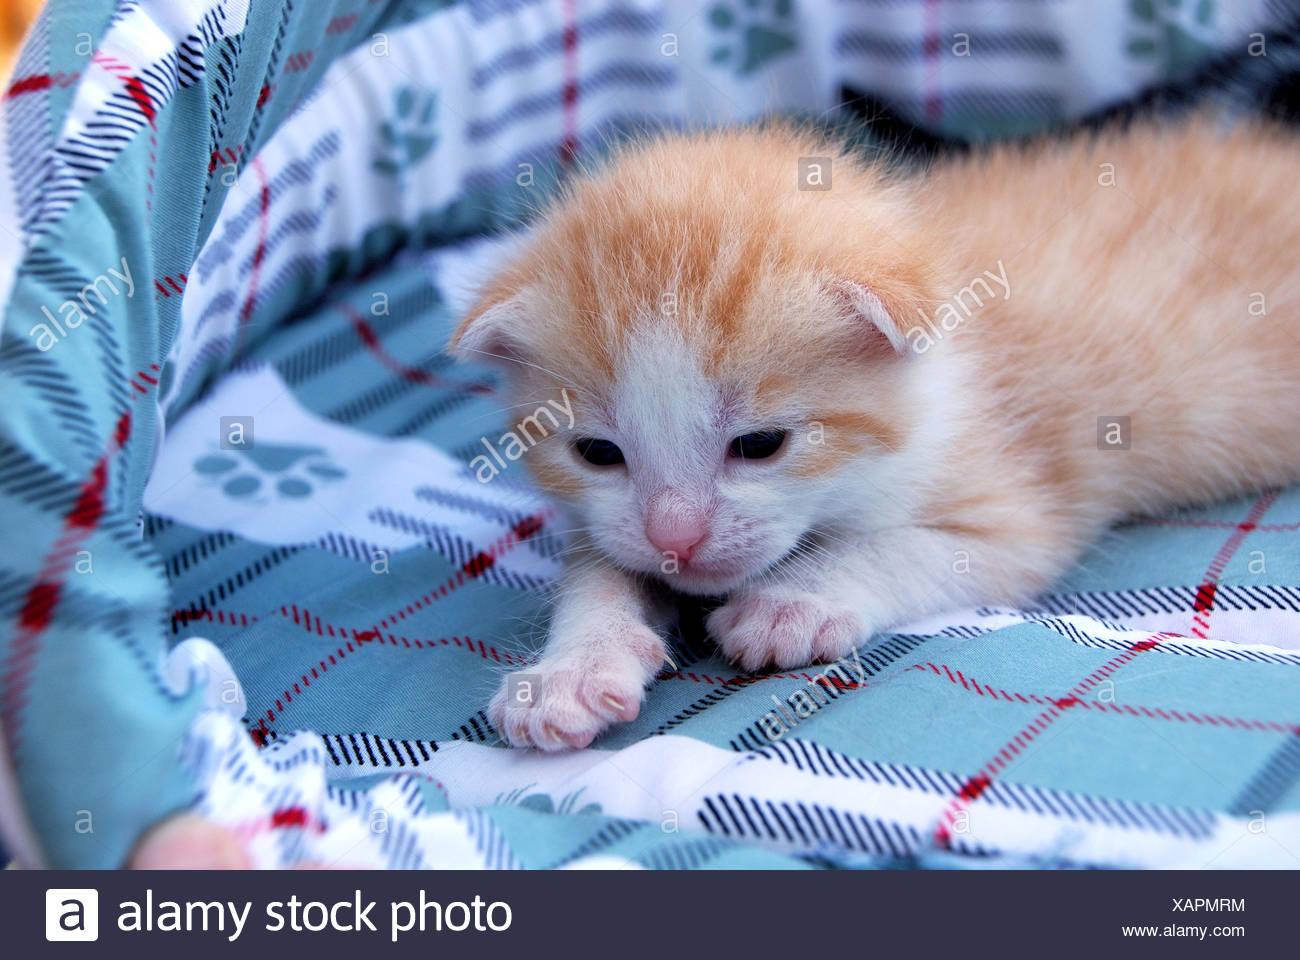 Animal Cat Baby Kitten Cute Pussycat Cat Domestic Cat Kittens